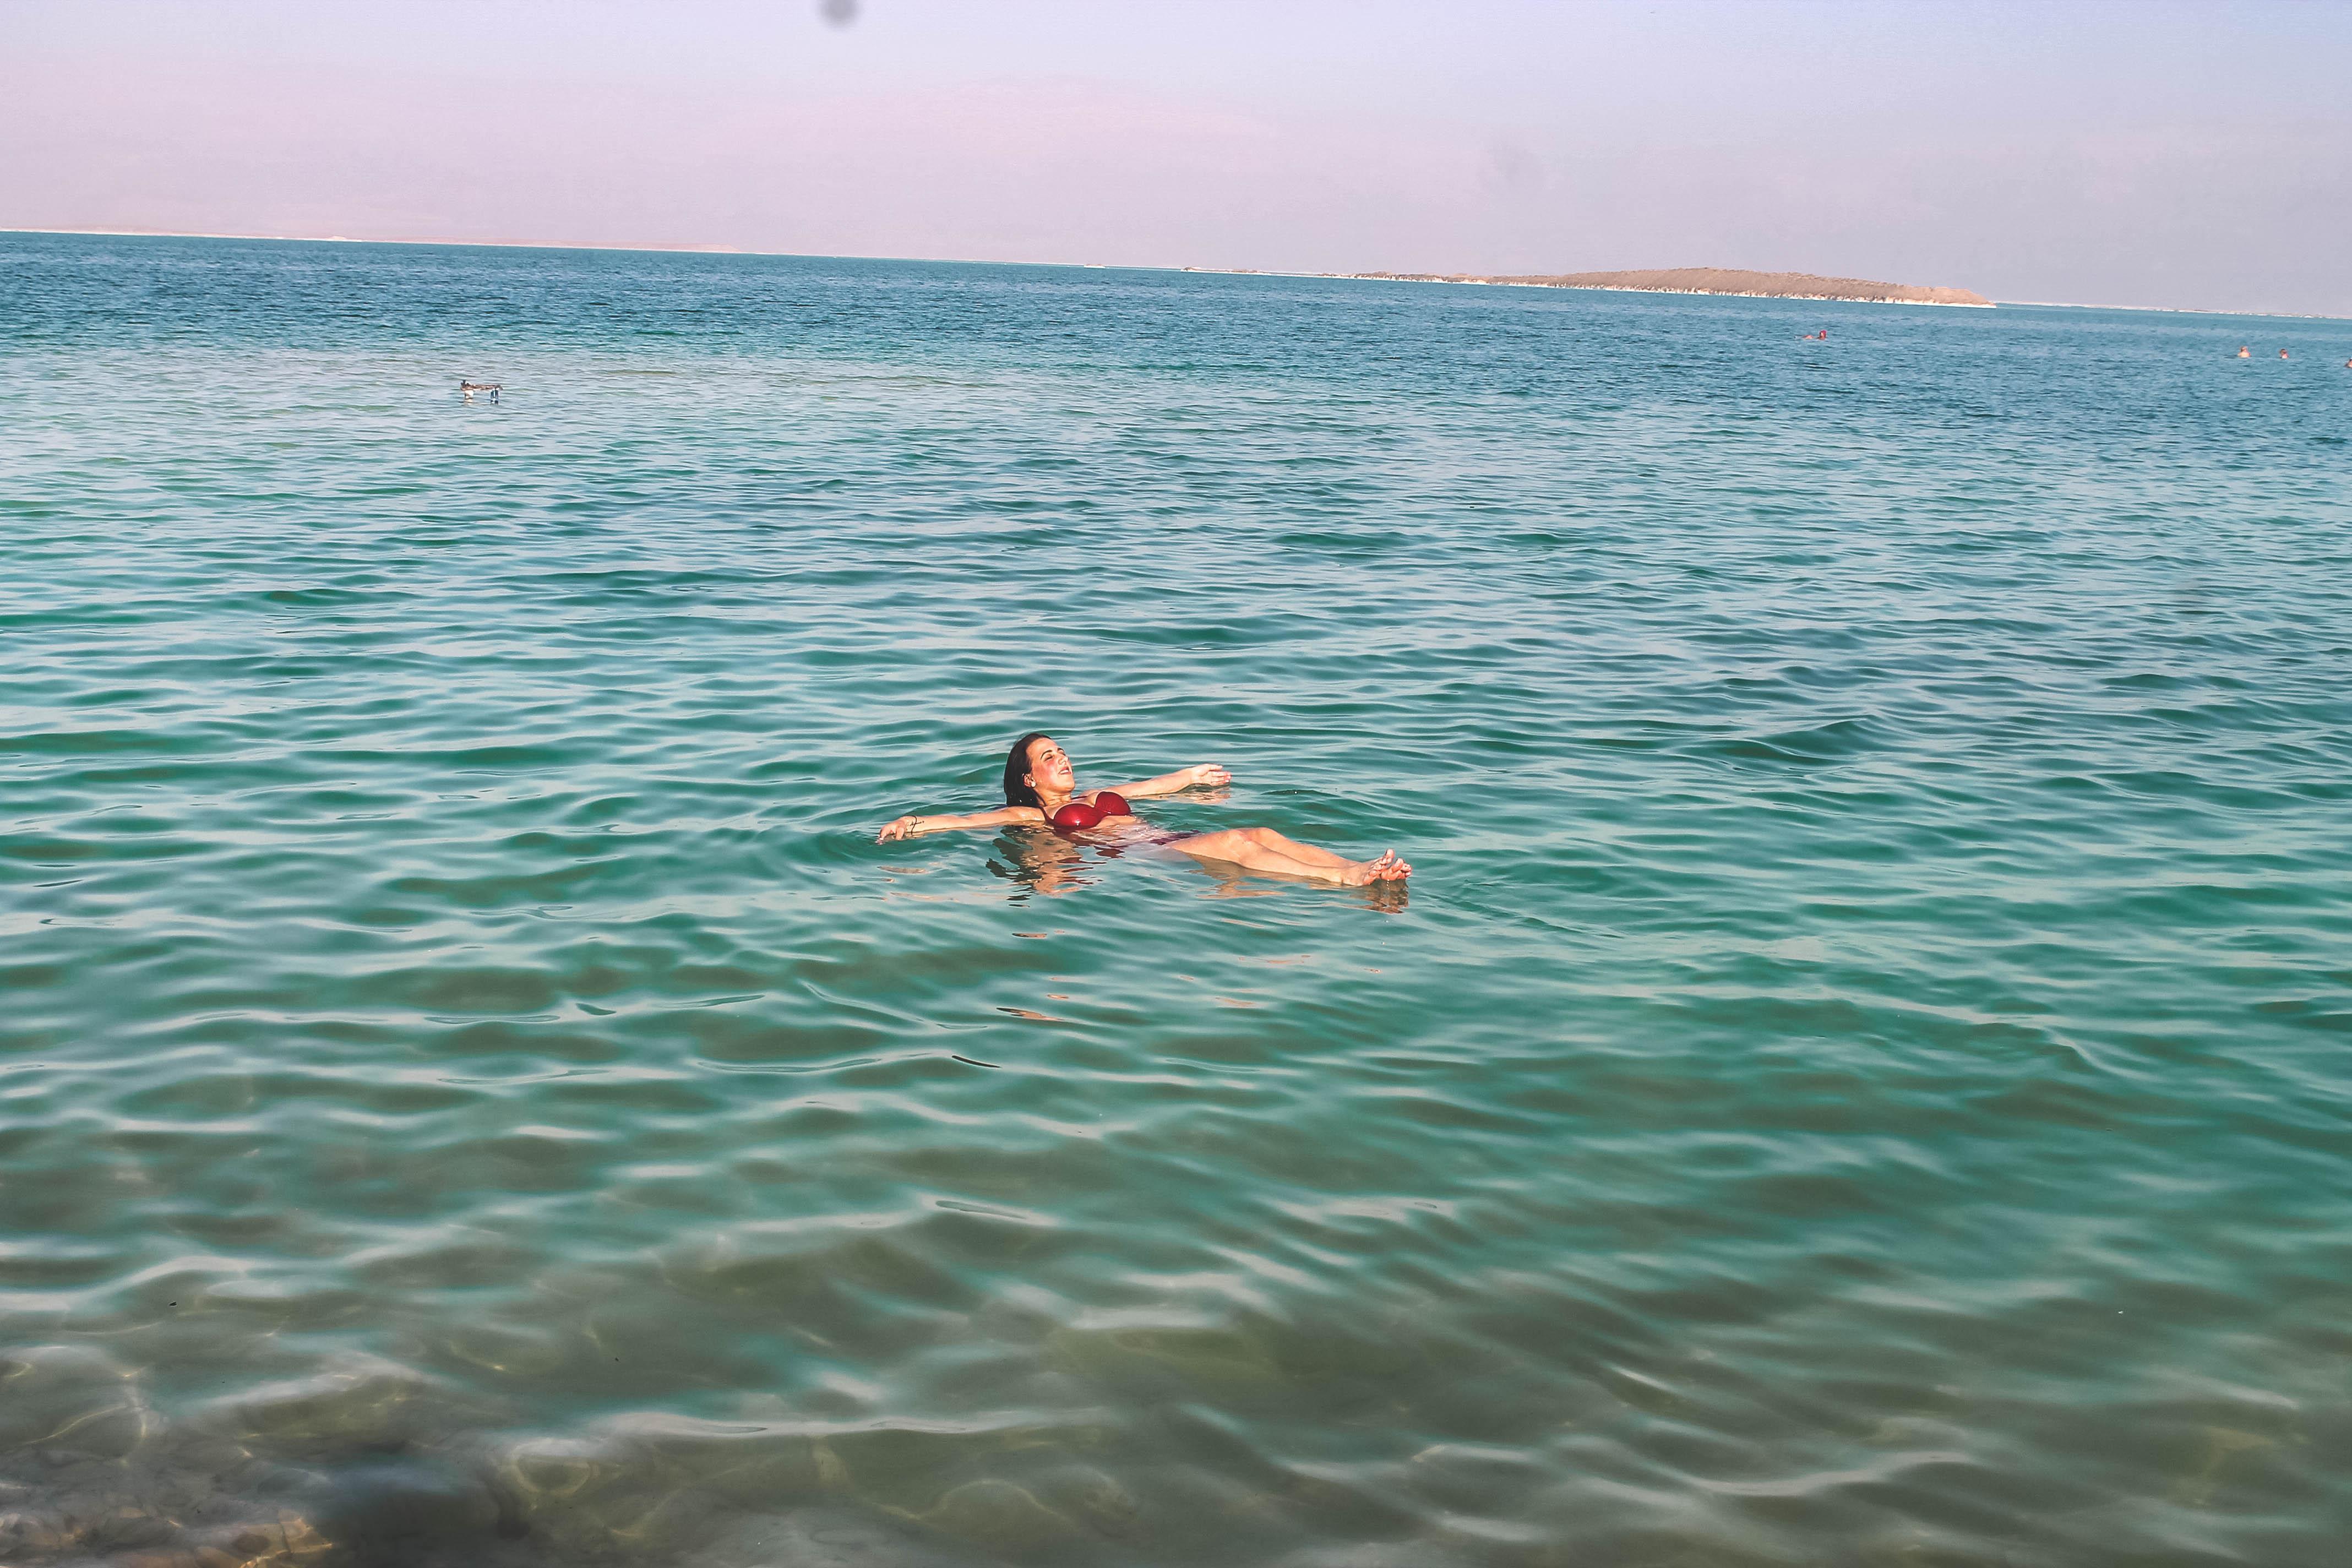 Zwemmen in de Dode Zee in Israël: zo bereid je jezelf voor!